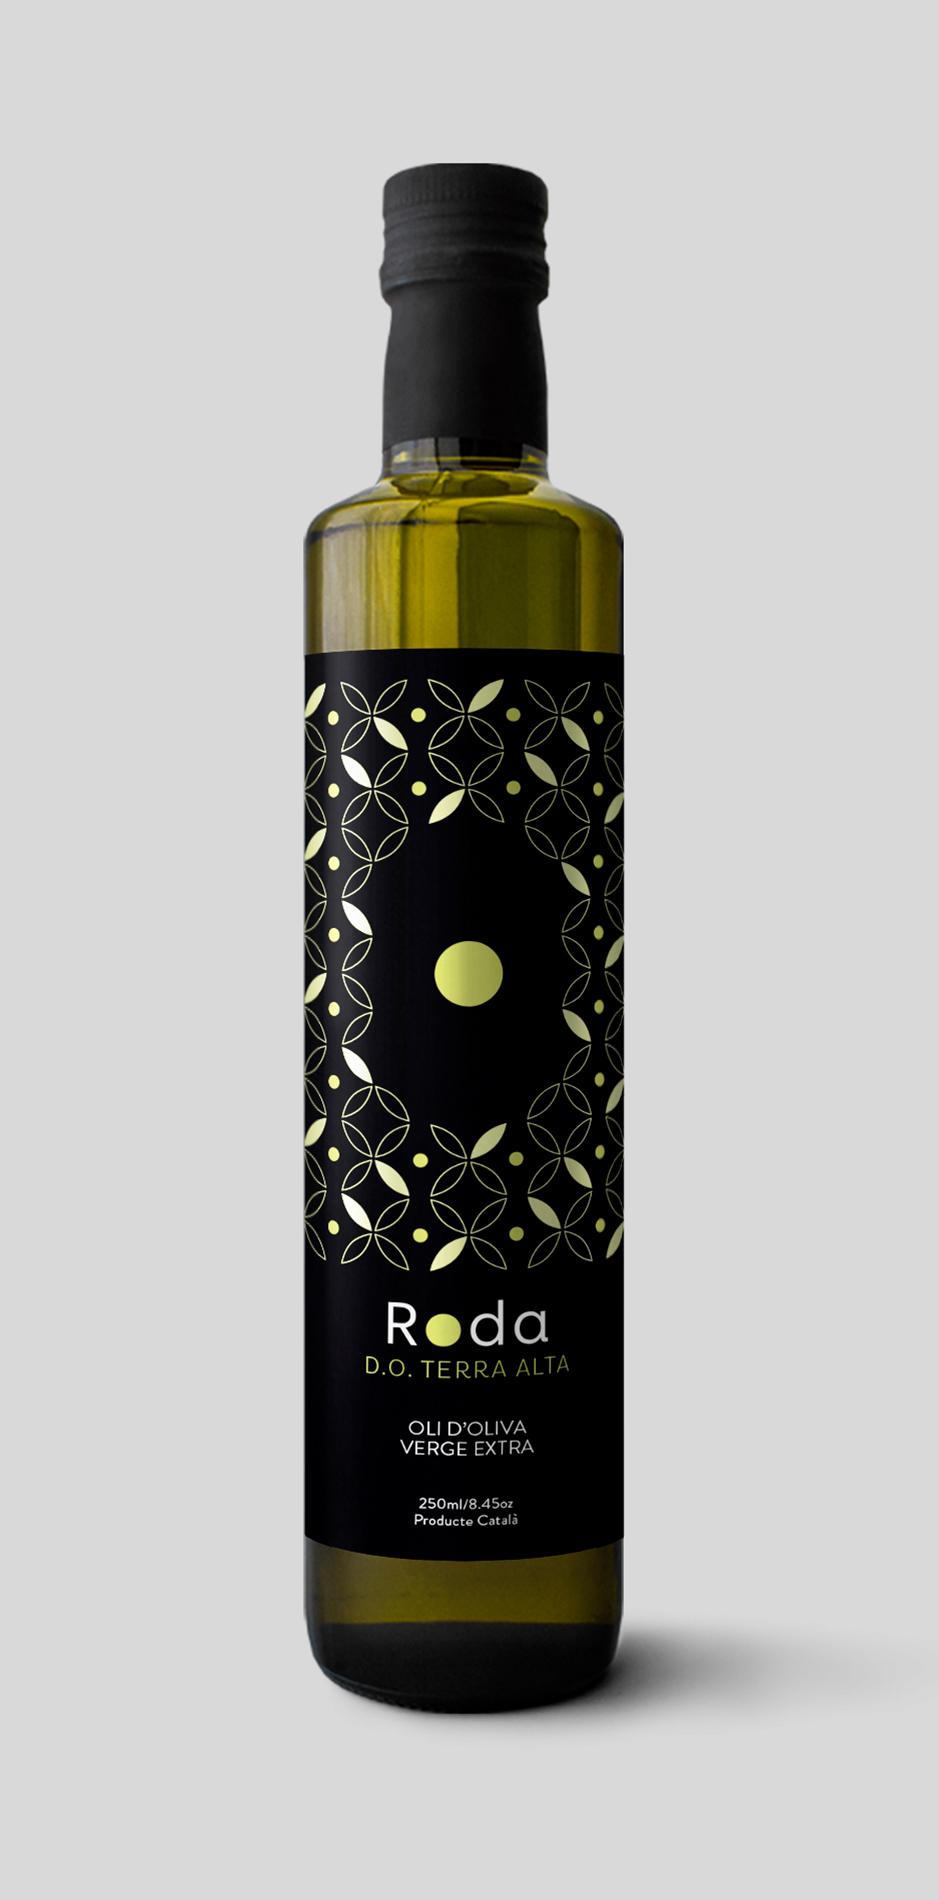 Roda, oli d'oliva